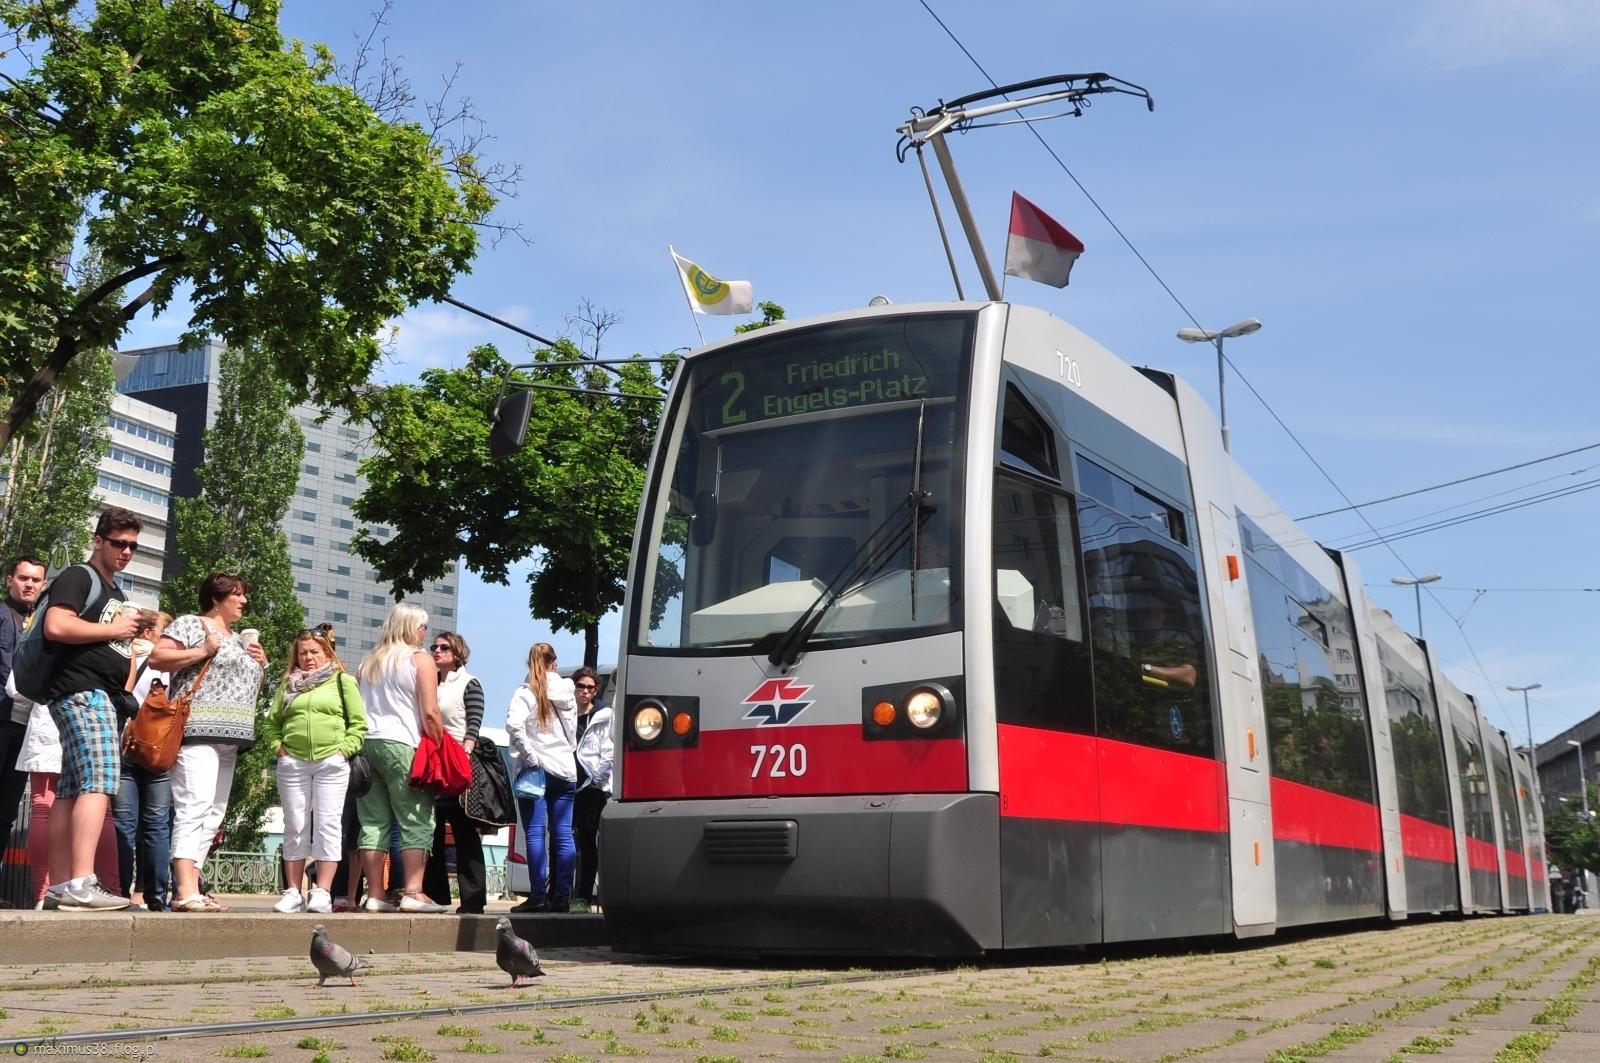 Siemens ulf schwedische platz wiede austria fotoblog for Siemens platz